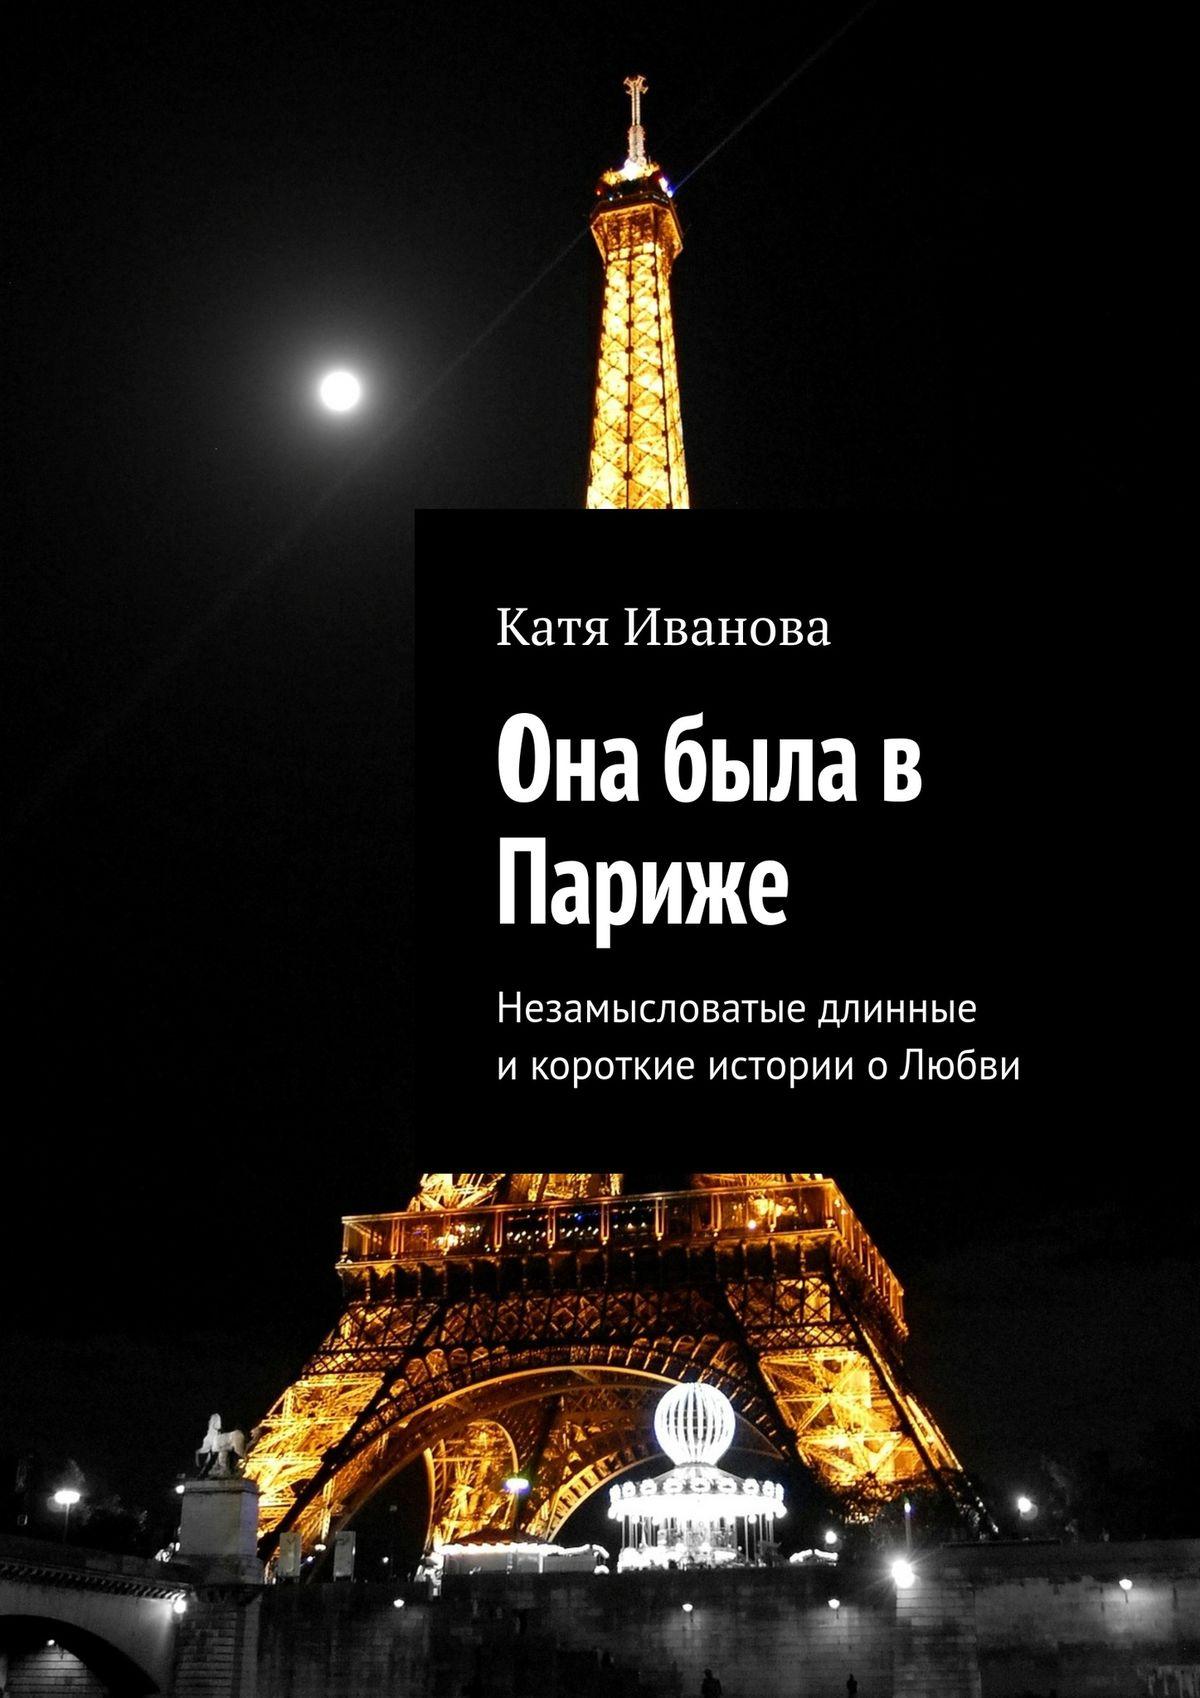 Катя Иванова Она была в Париже. Незамысловатые длинные икороткие истории оЛюбви катя иванова она была в париже незамысловатые длинные икороткие истории олюбви